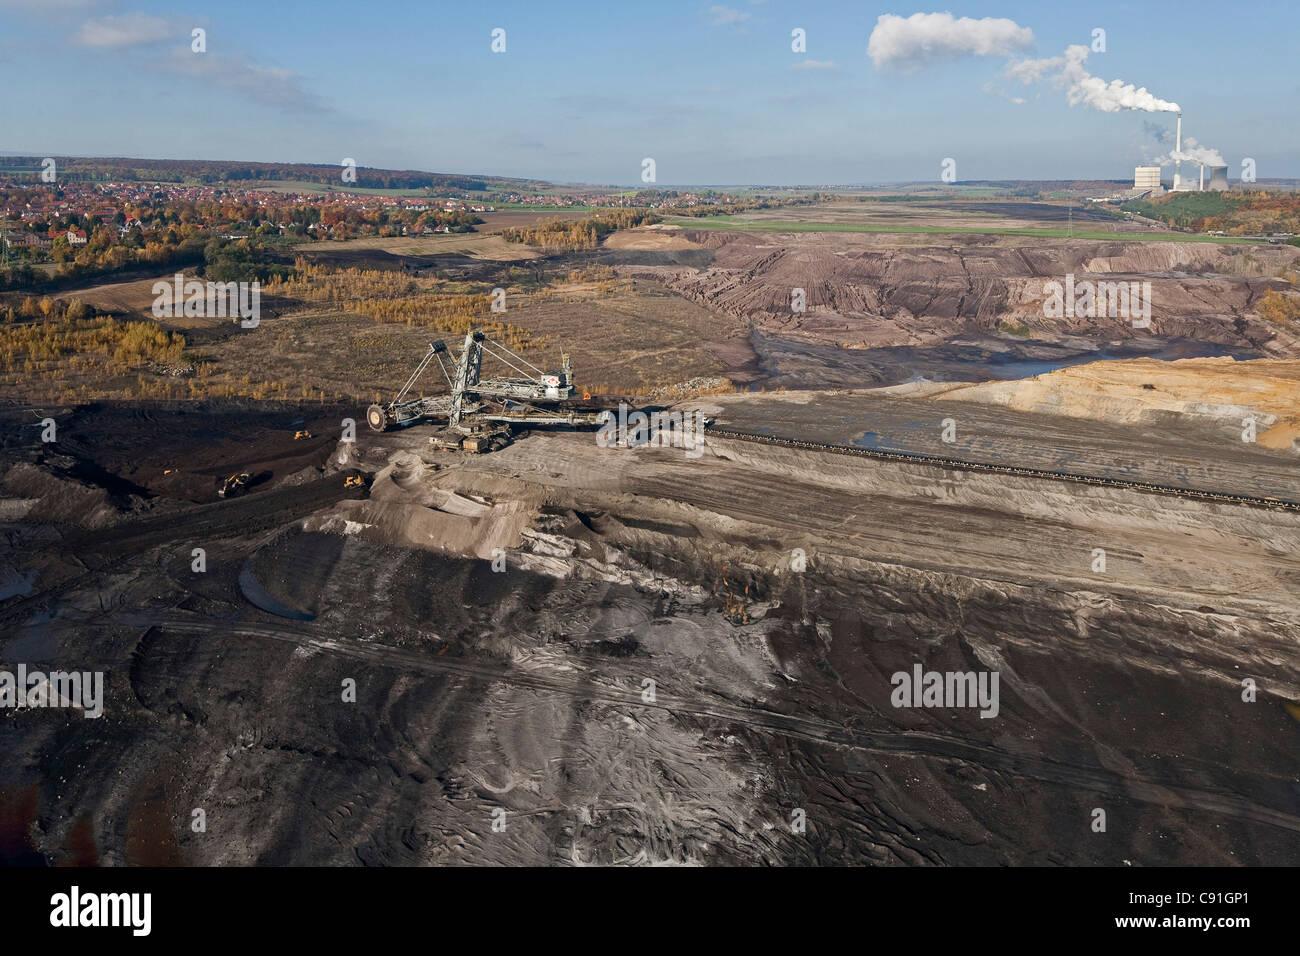 Aerial view of a bucket-wheel excavator with conveyor belt in for open-pit lignite mining brown coal Schoeningen - Stock Image